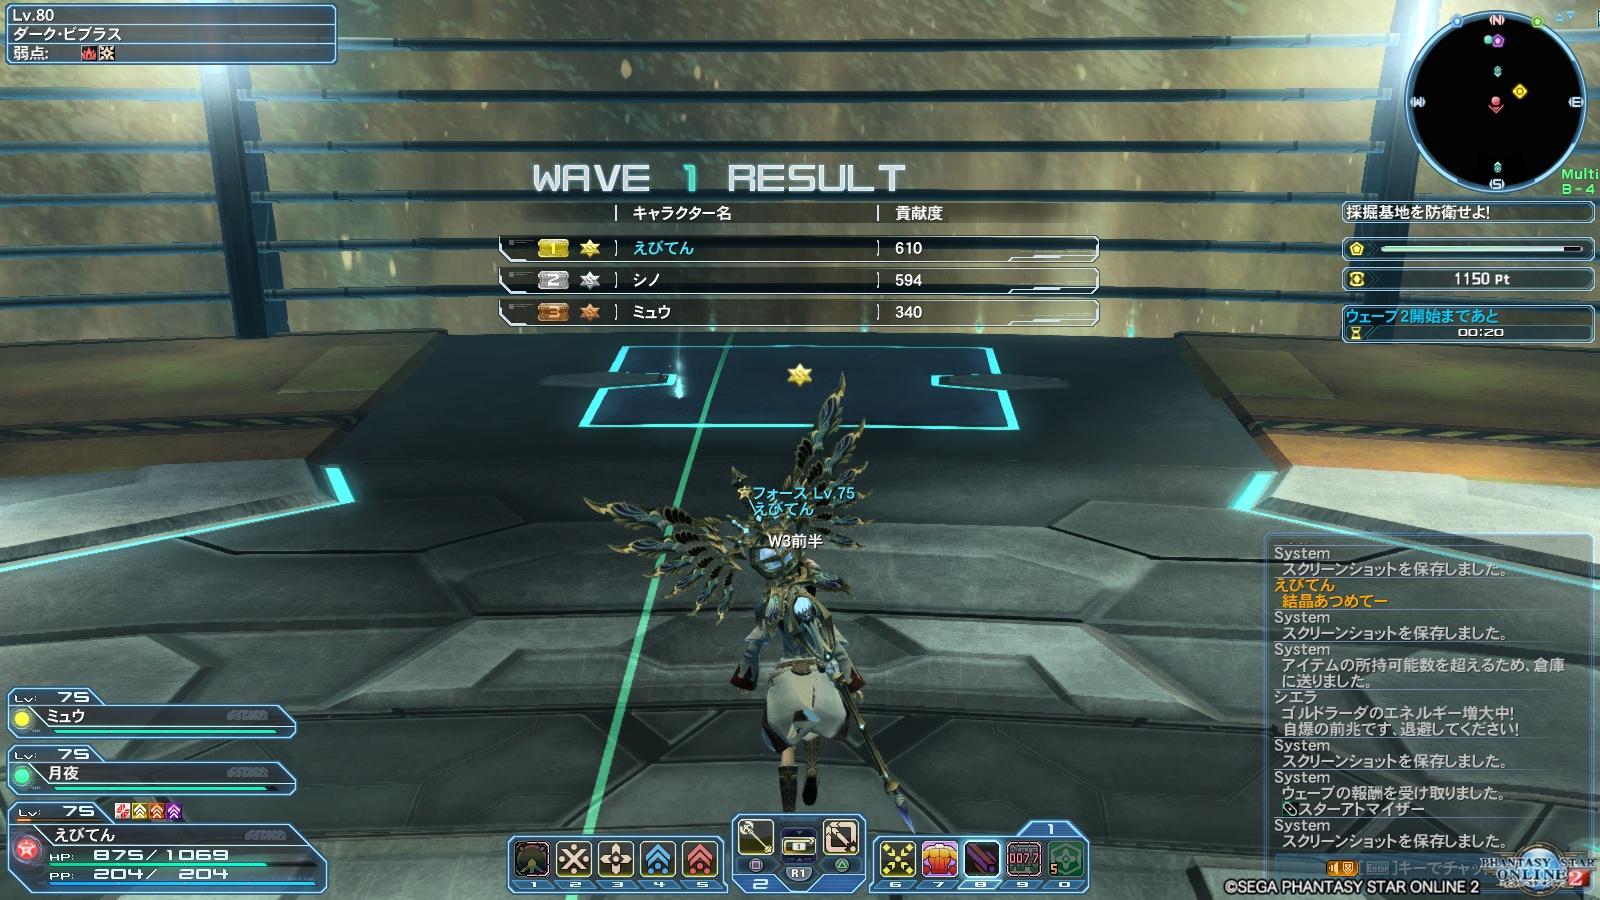 WAVE 1 RESULT